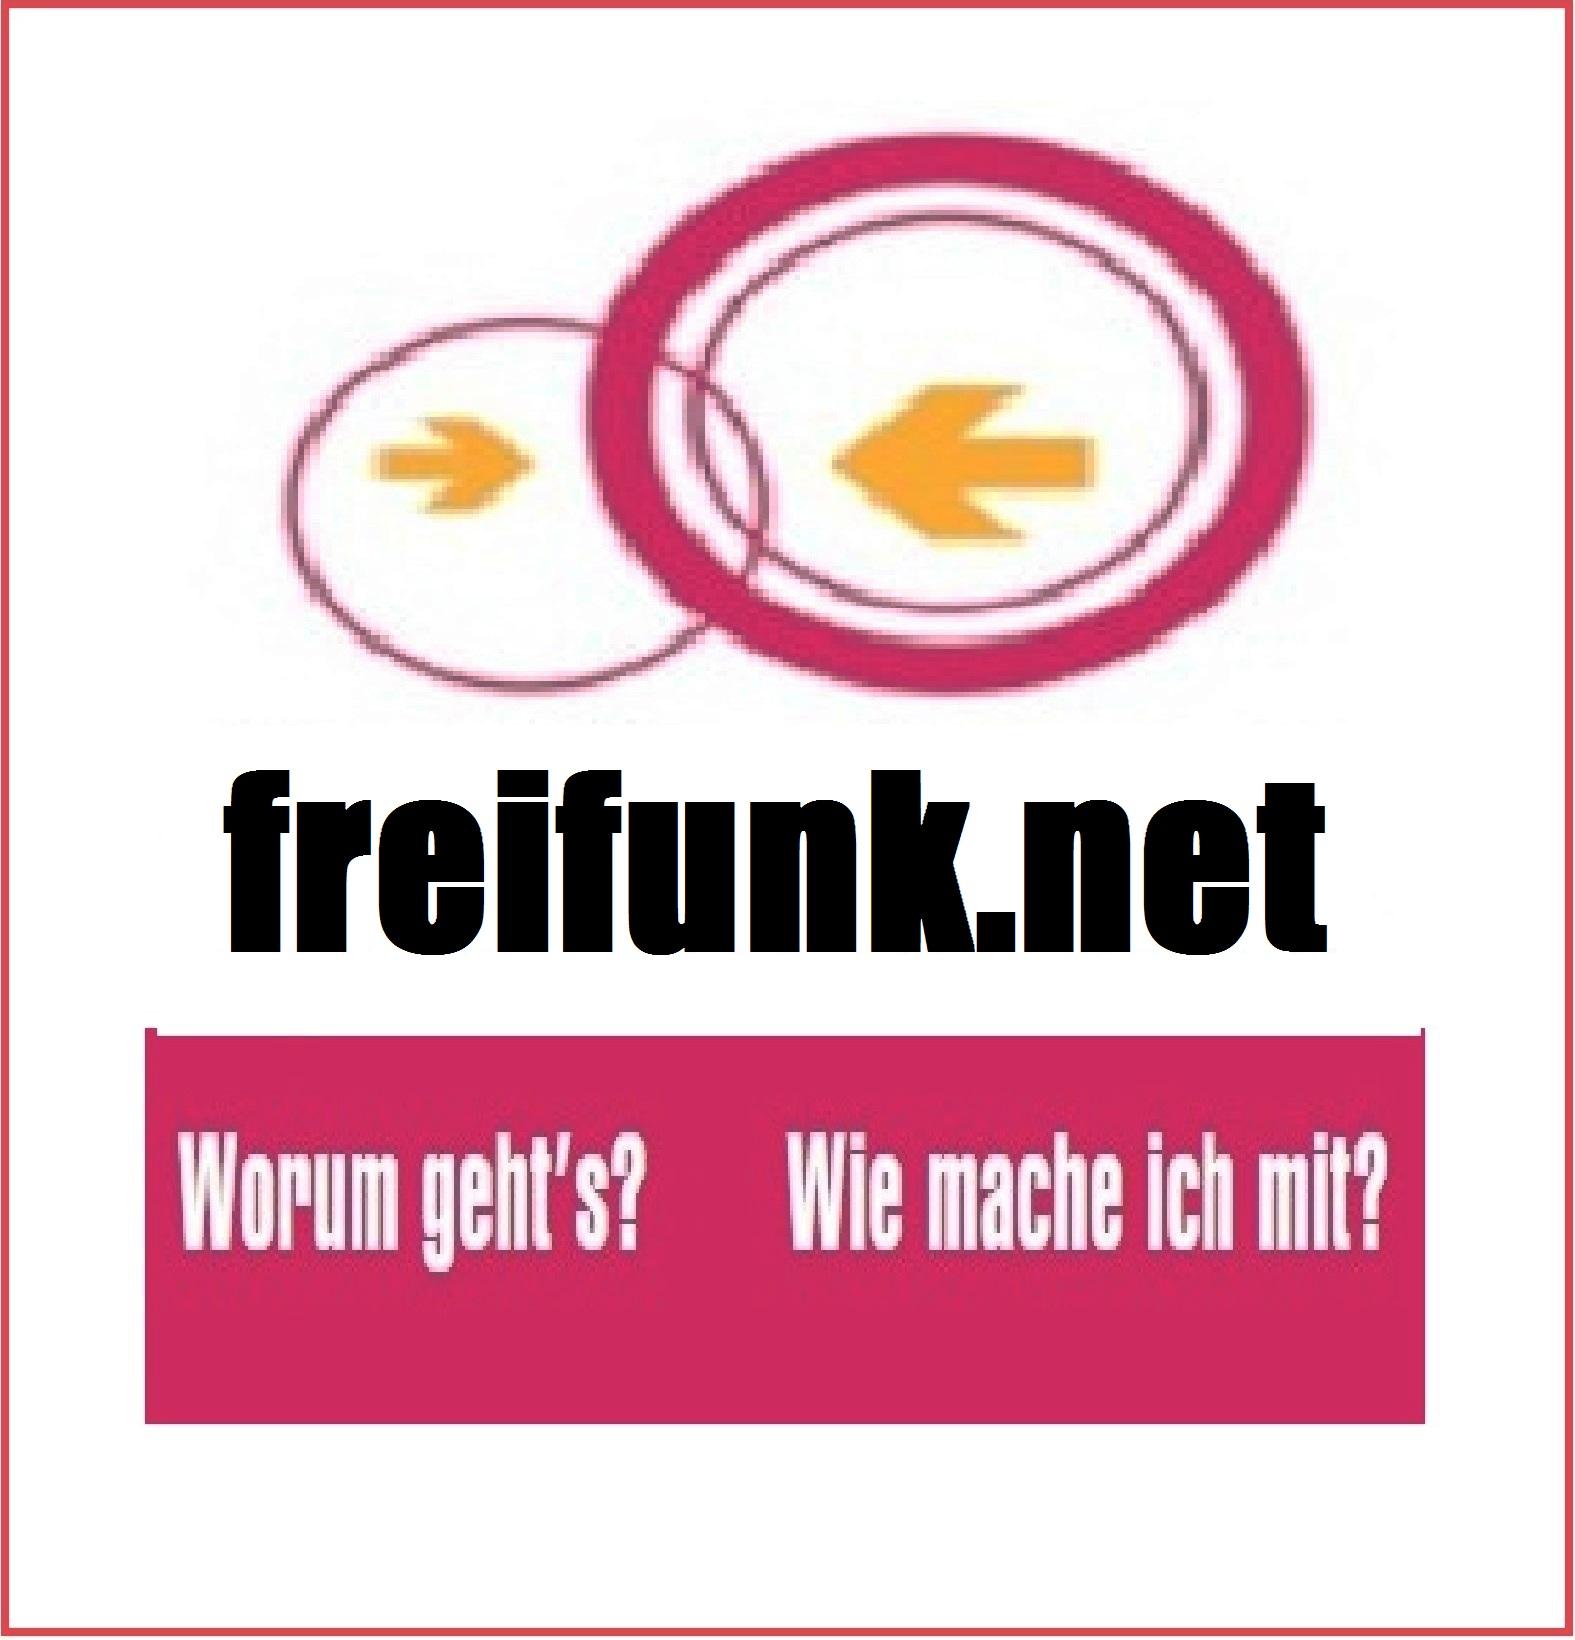 Freifunk.net - Worum geht's? Wie mache ich mit? - Die Freifunk-Initiative hat zum Ziel, freie, unabhängige und nichtkommerzielle Computer-Funknetze zu etablieren.